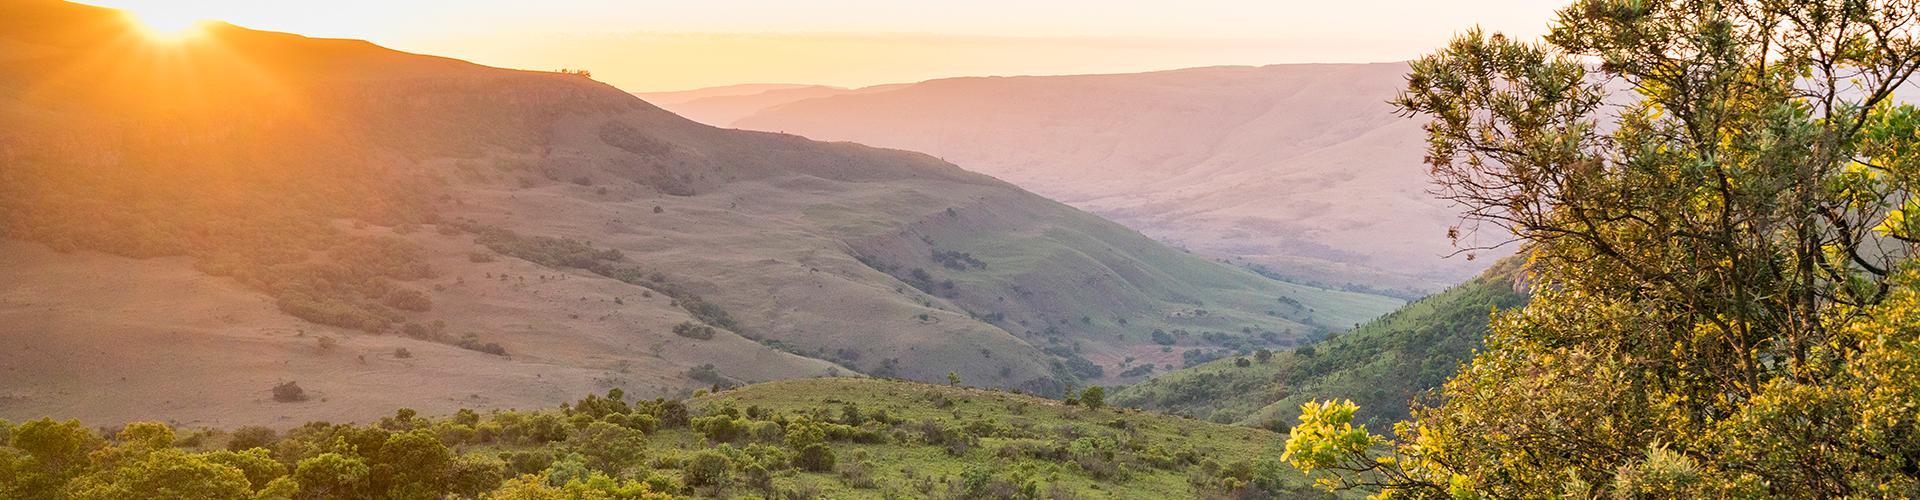 hiking in mpumalanga